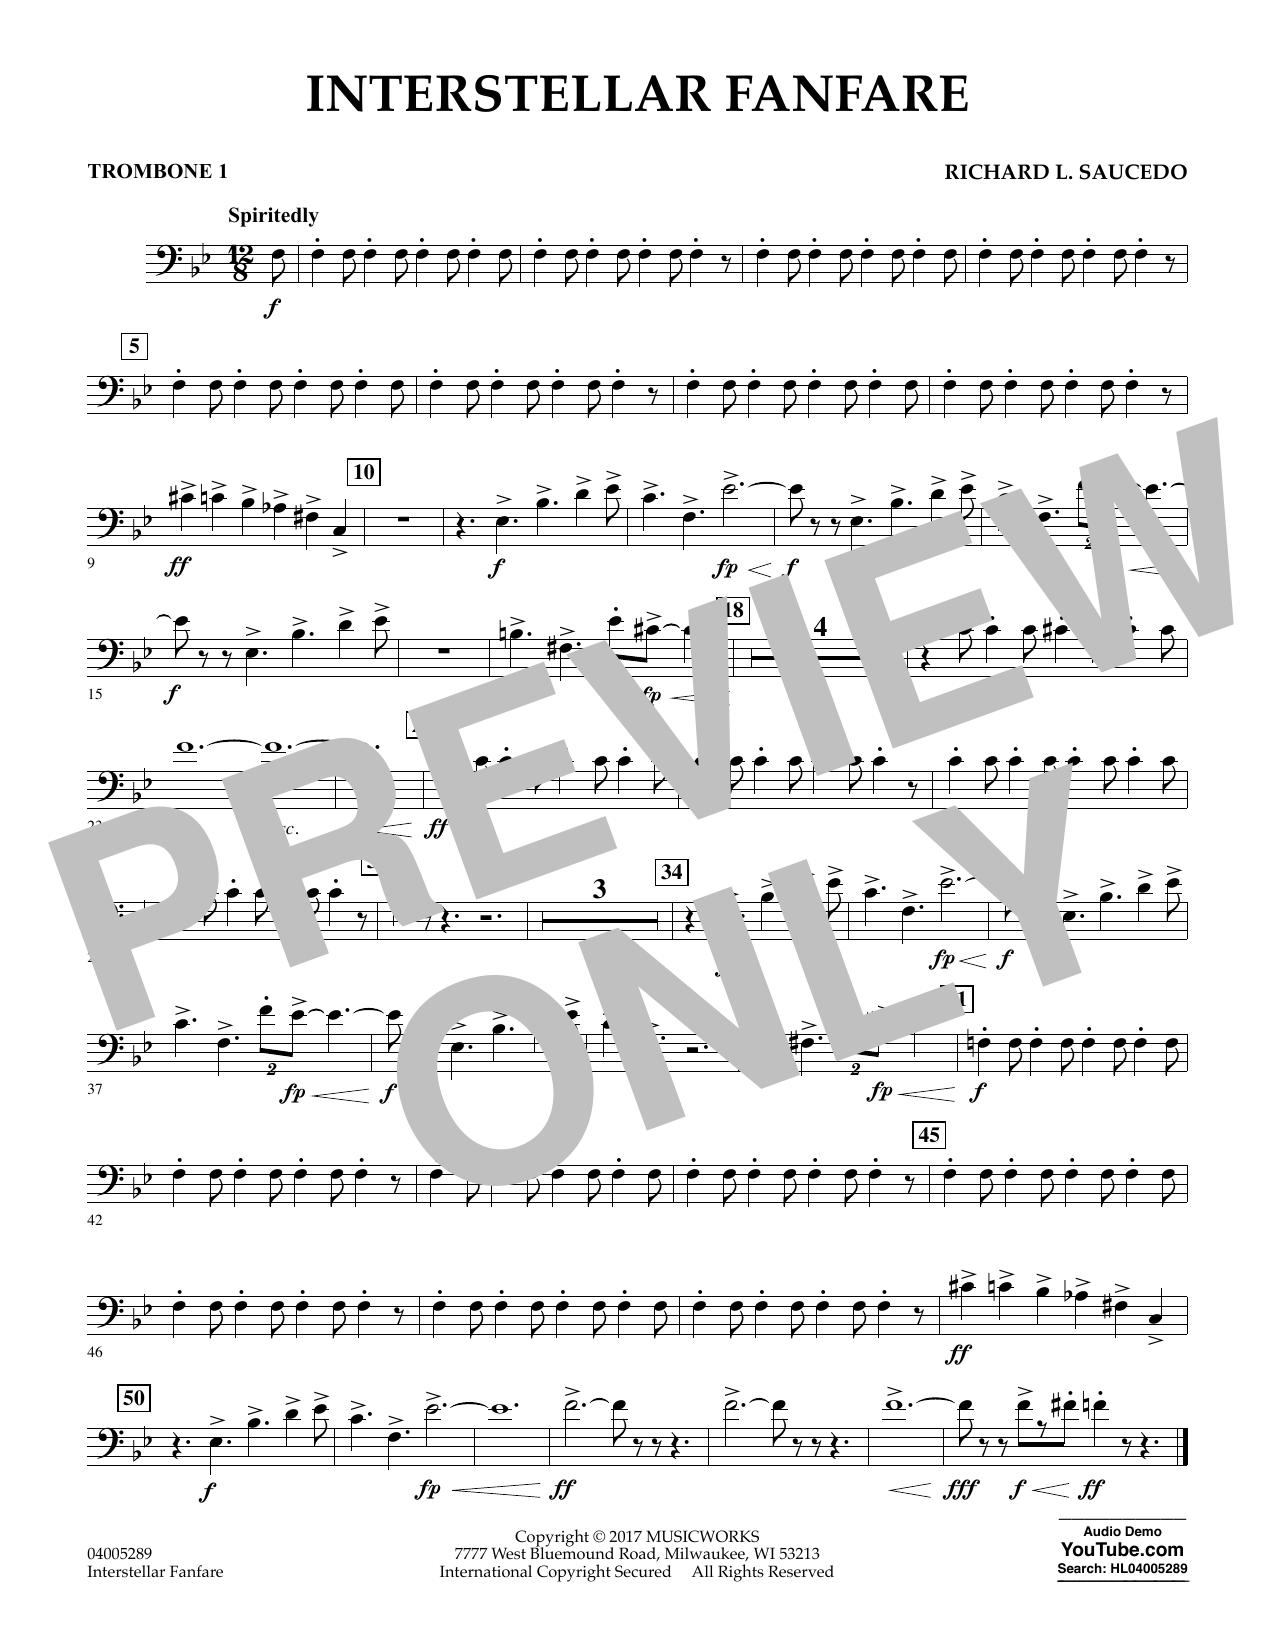 Richard L. Saucedo Interstellar Fanfare - Trombone 1 sheet music notes printable PDF score